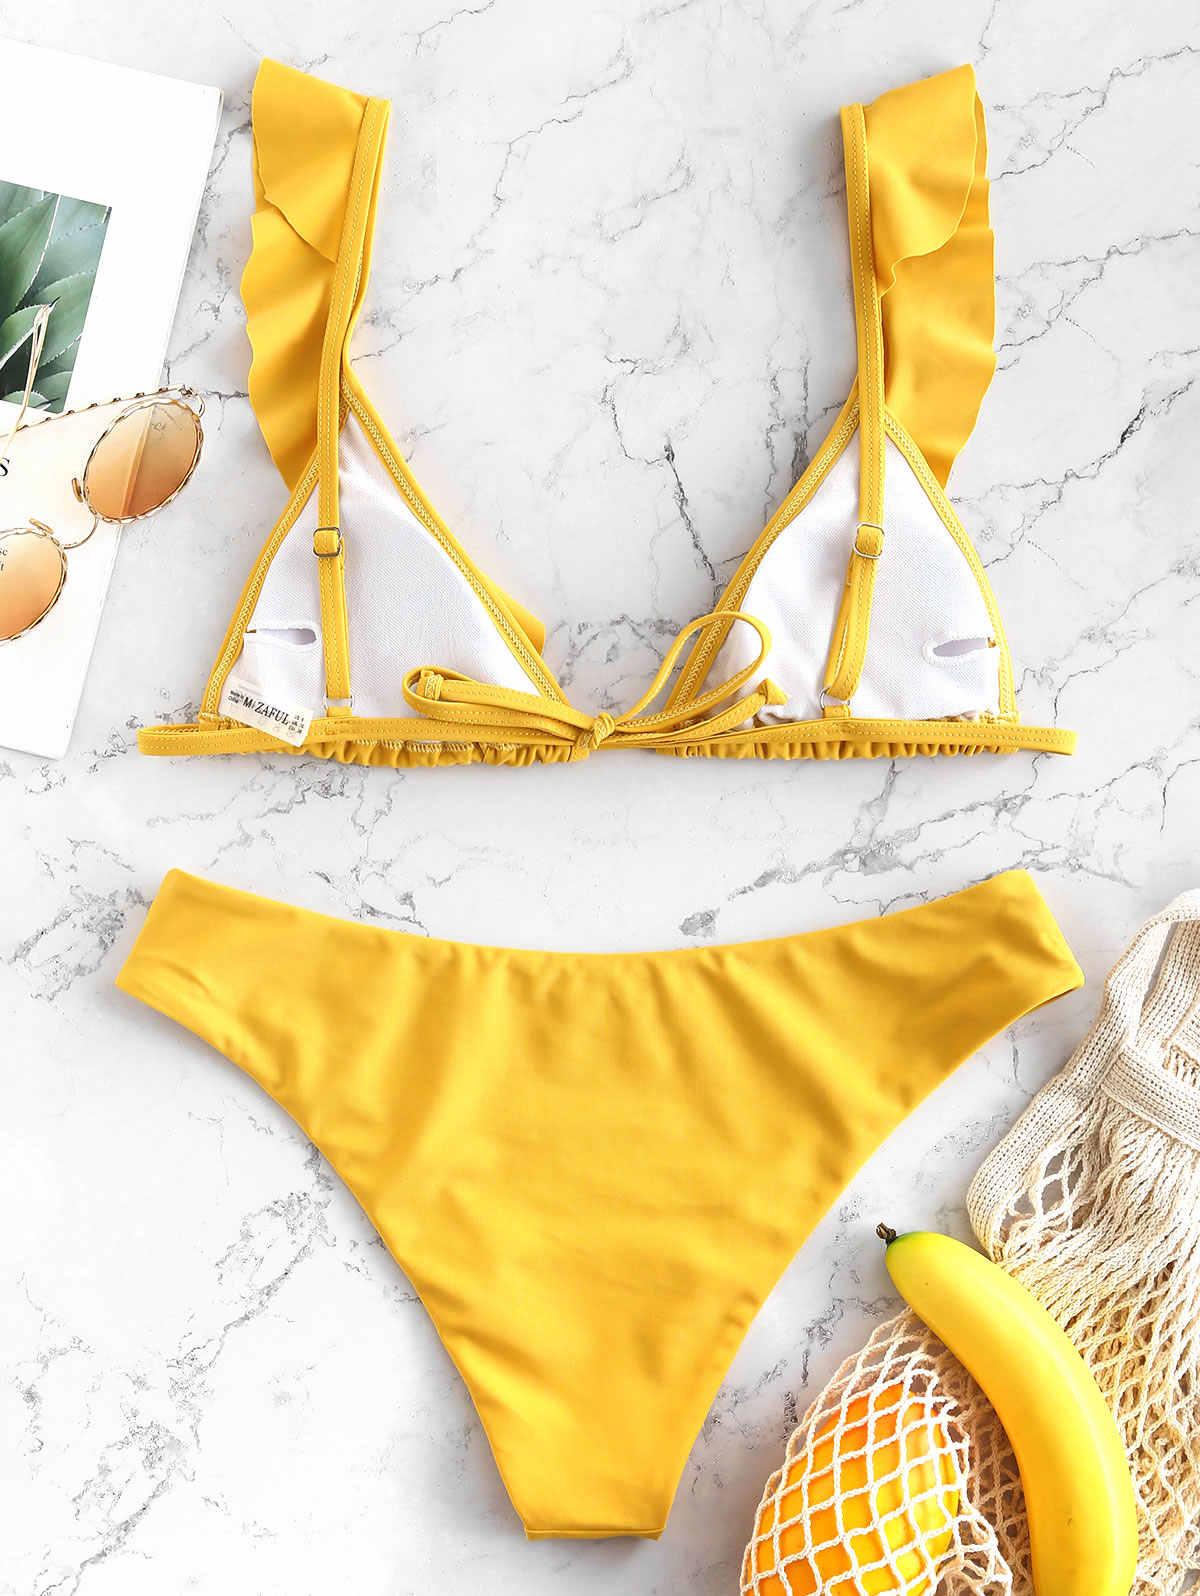 ZAFUL 2019 nowe Bikini kobiety Sexy strój Ruffles Plunge Neck strój kąpielowy stroje kąpielowe Bikini Set Retro Frill Bikini Biquinis